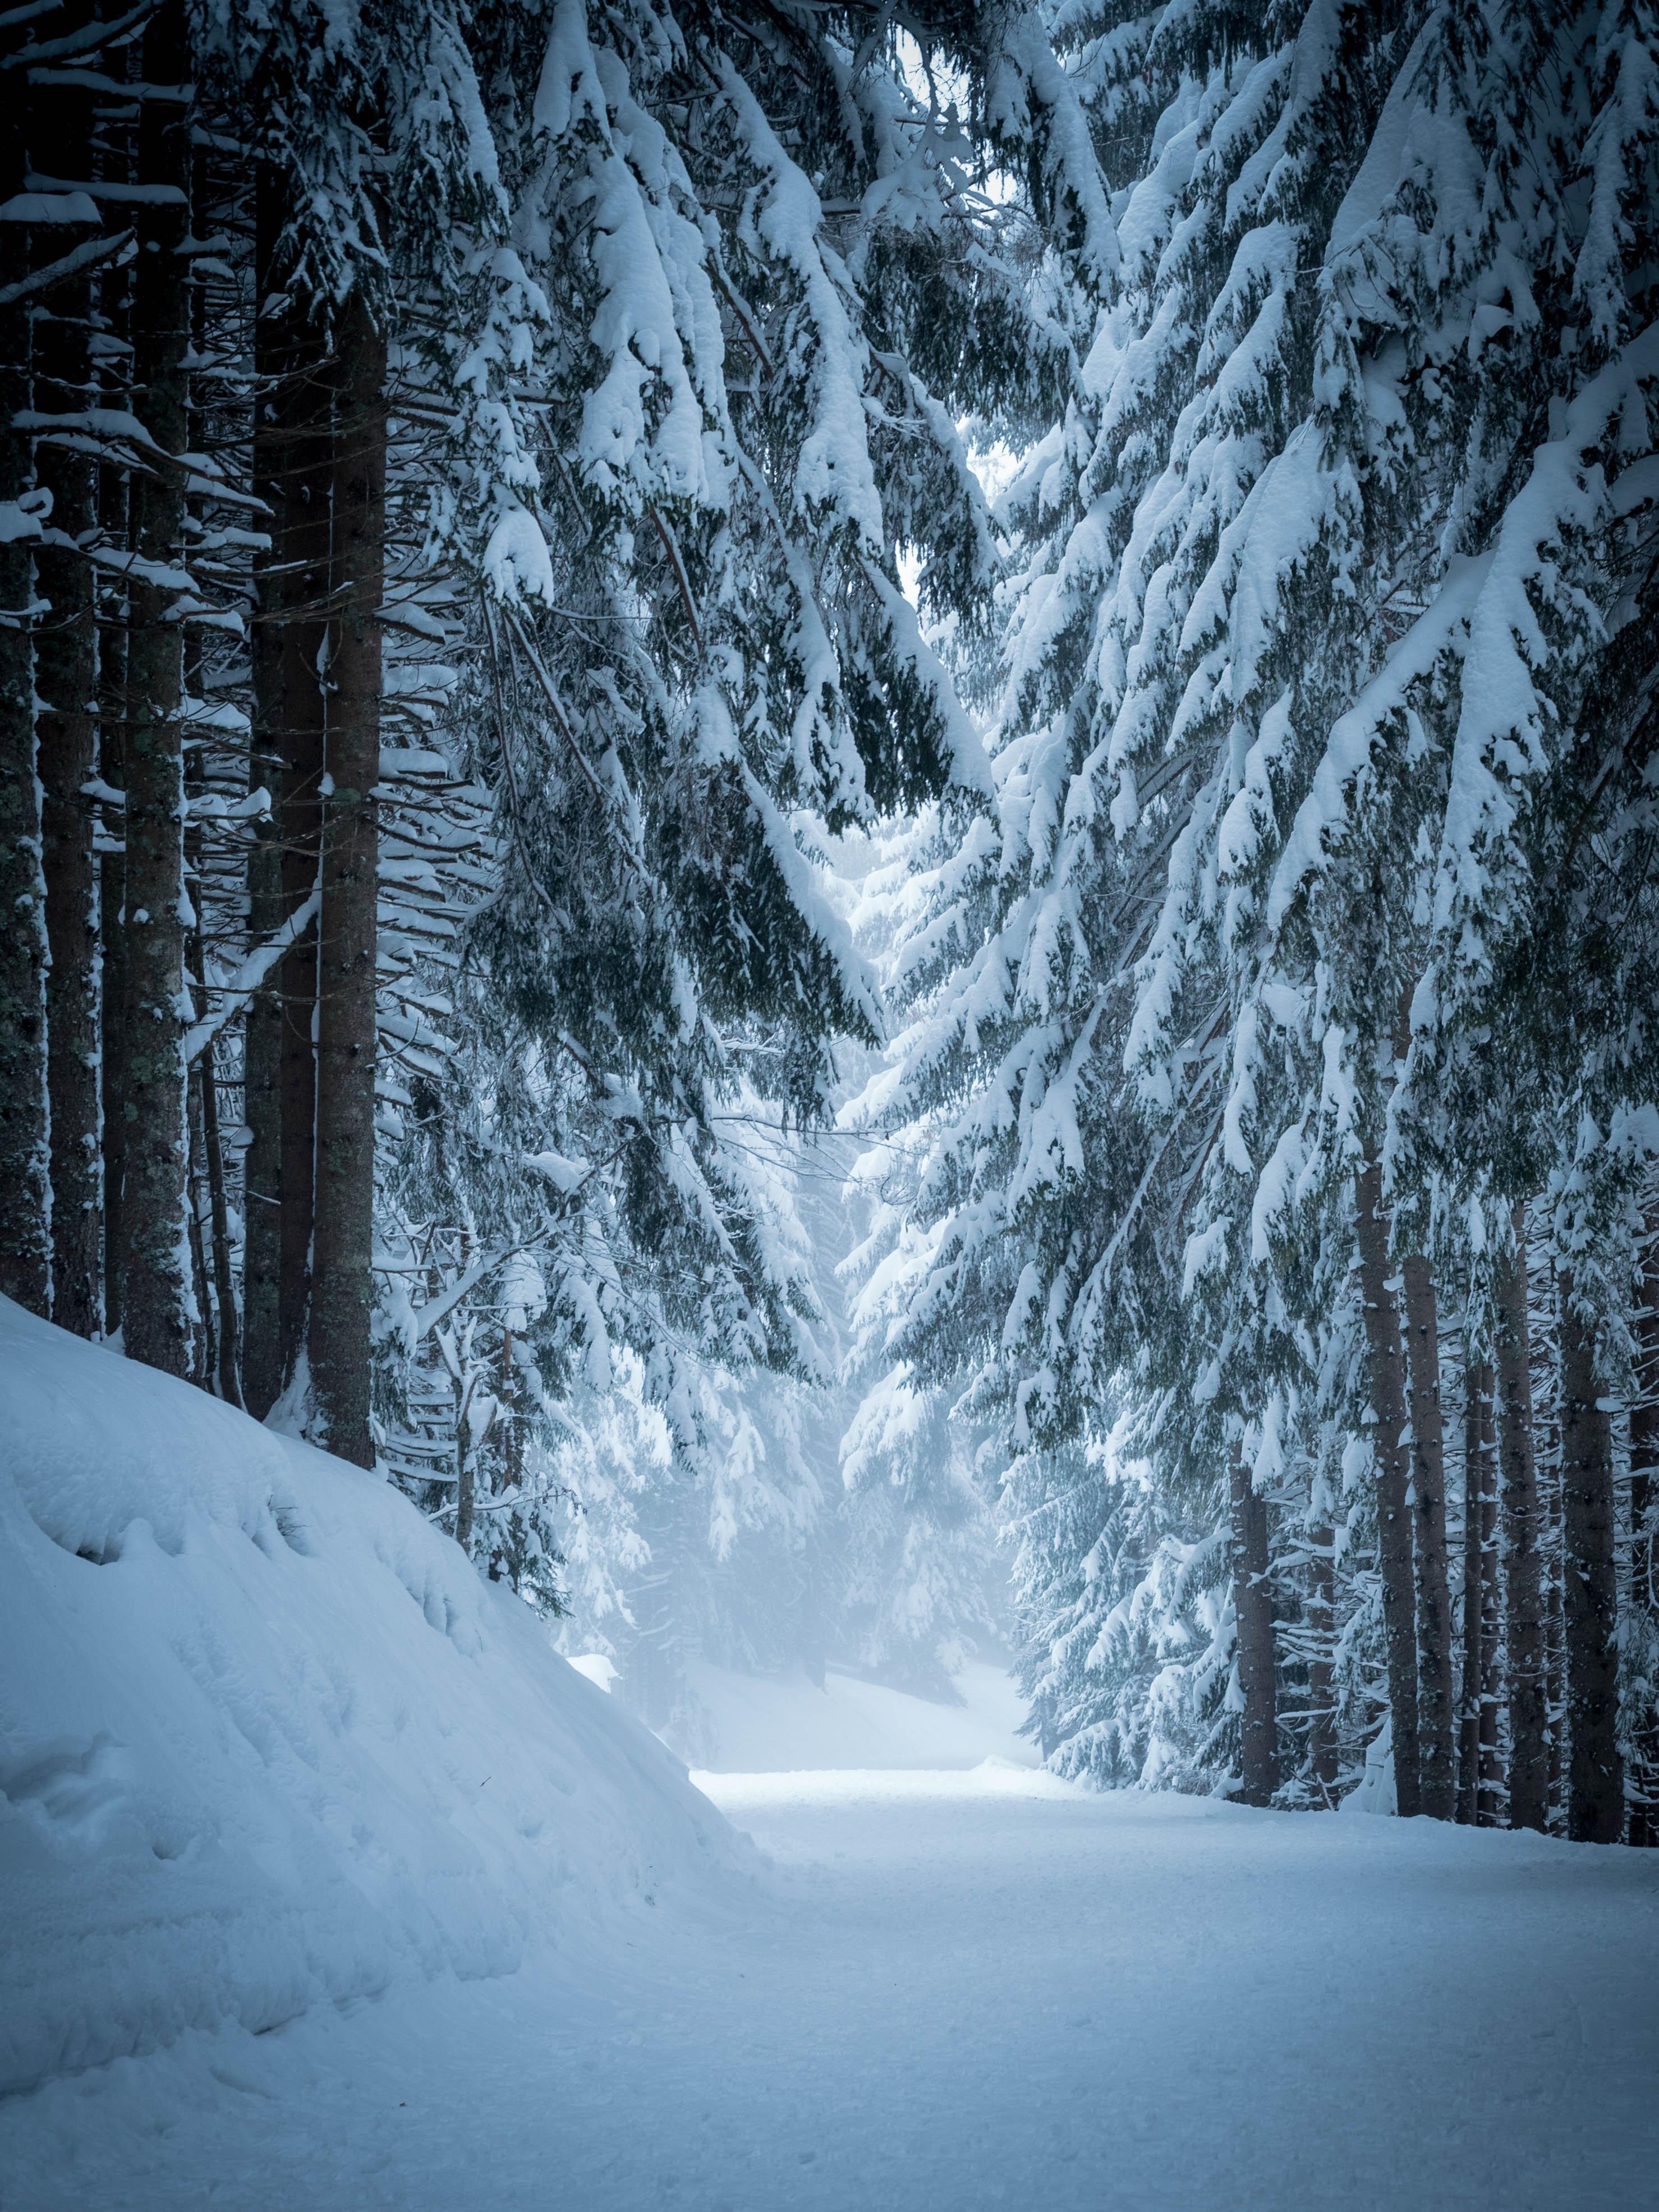 120869 скачать обои Природа, Лес, Снег, Зима, Деревья, Сосны - заставки и картинки бесплатно